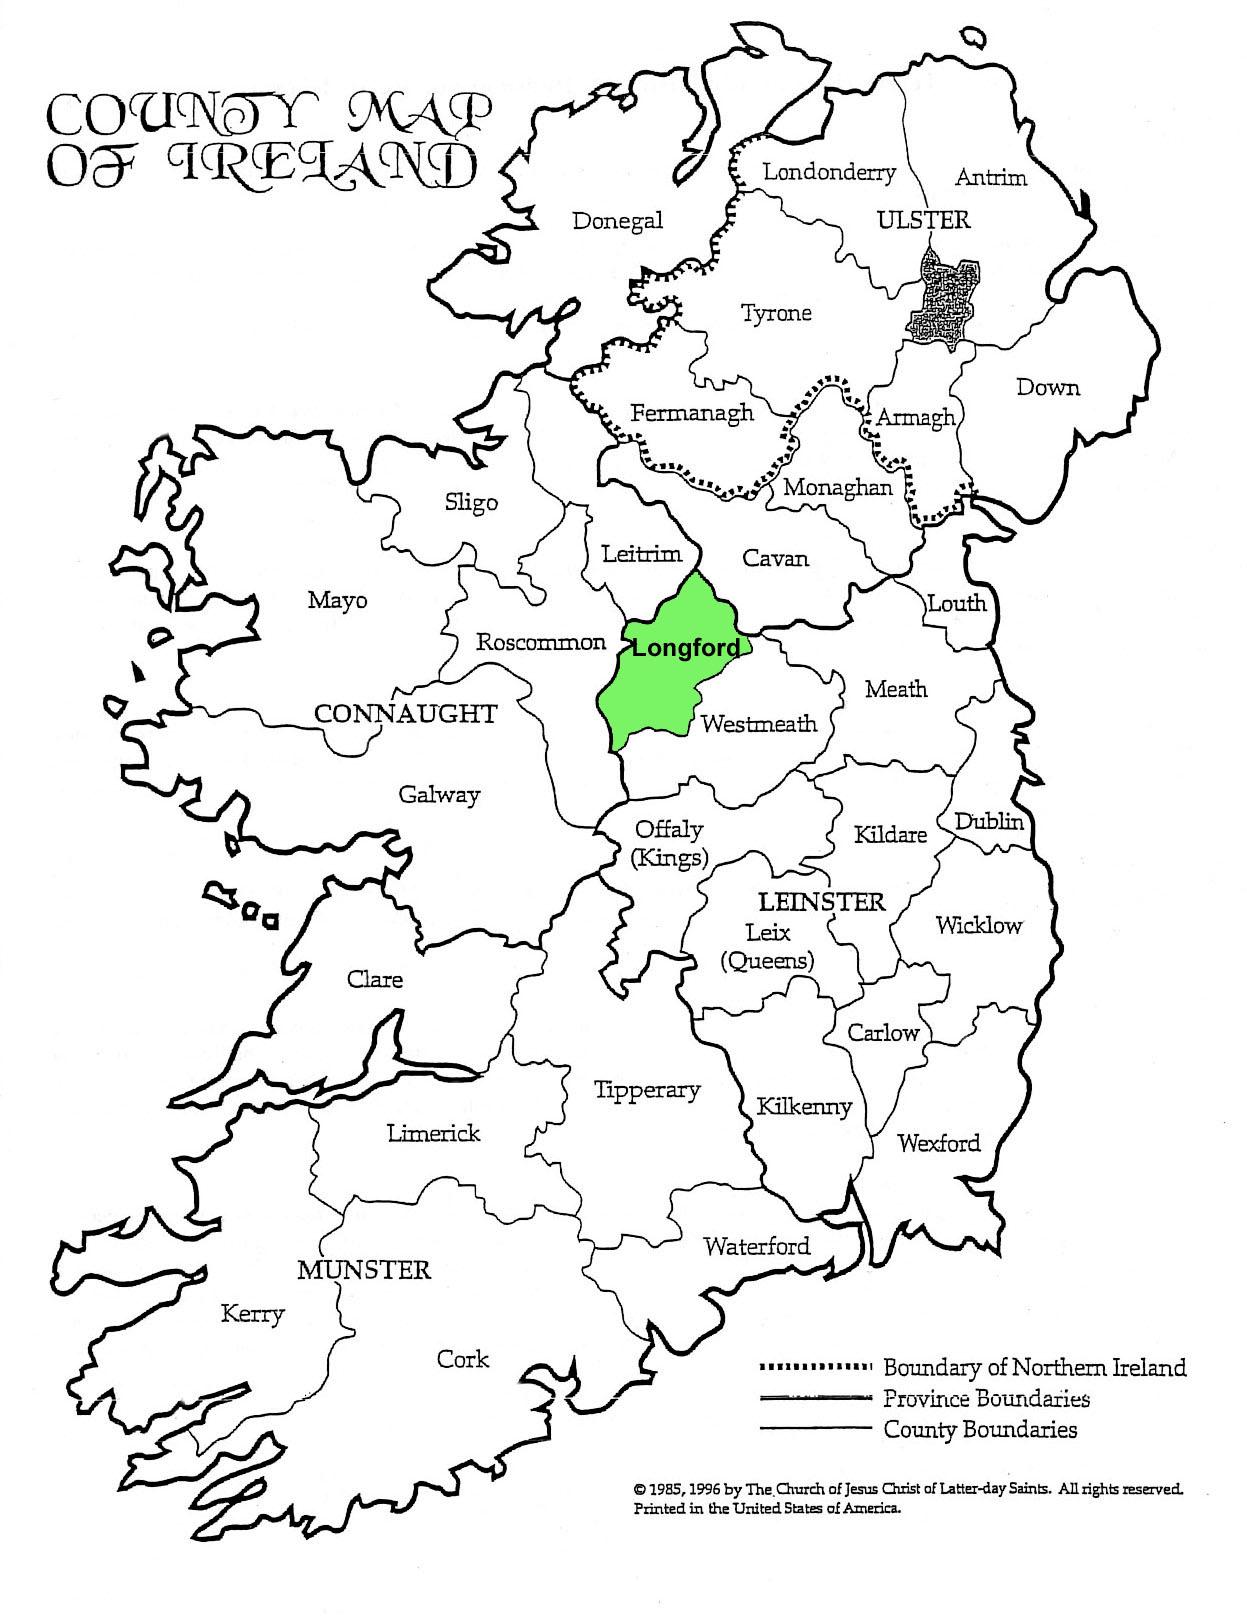 La carte de l'Irlande avec ses comtés